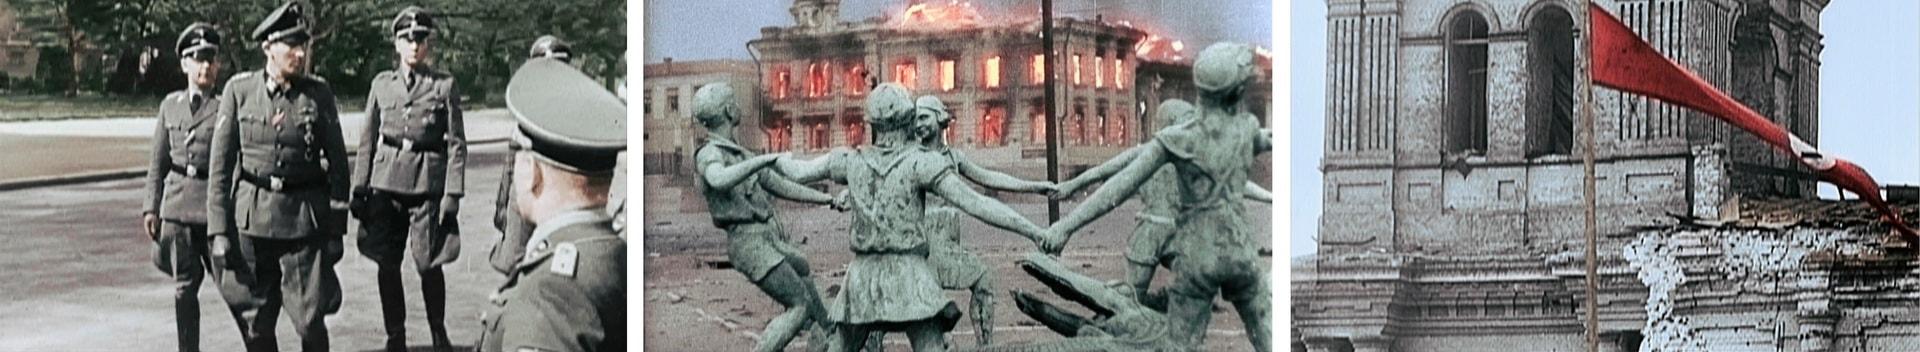 Сталинградская кампания и зверства СС